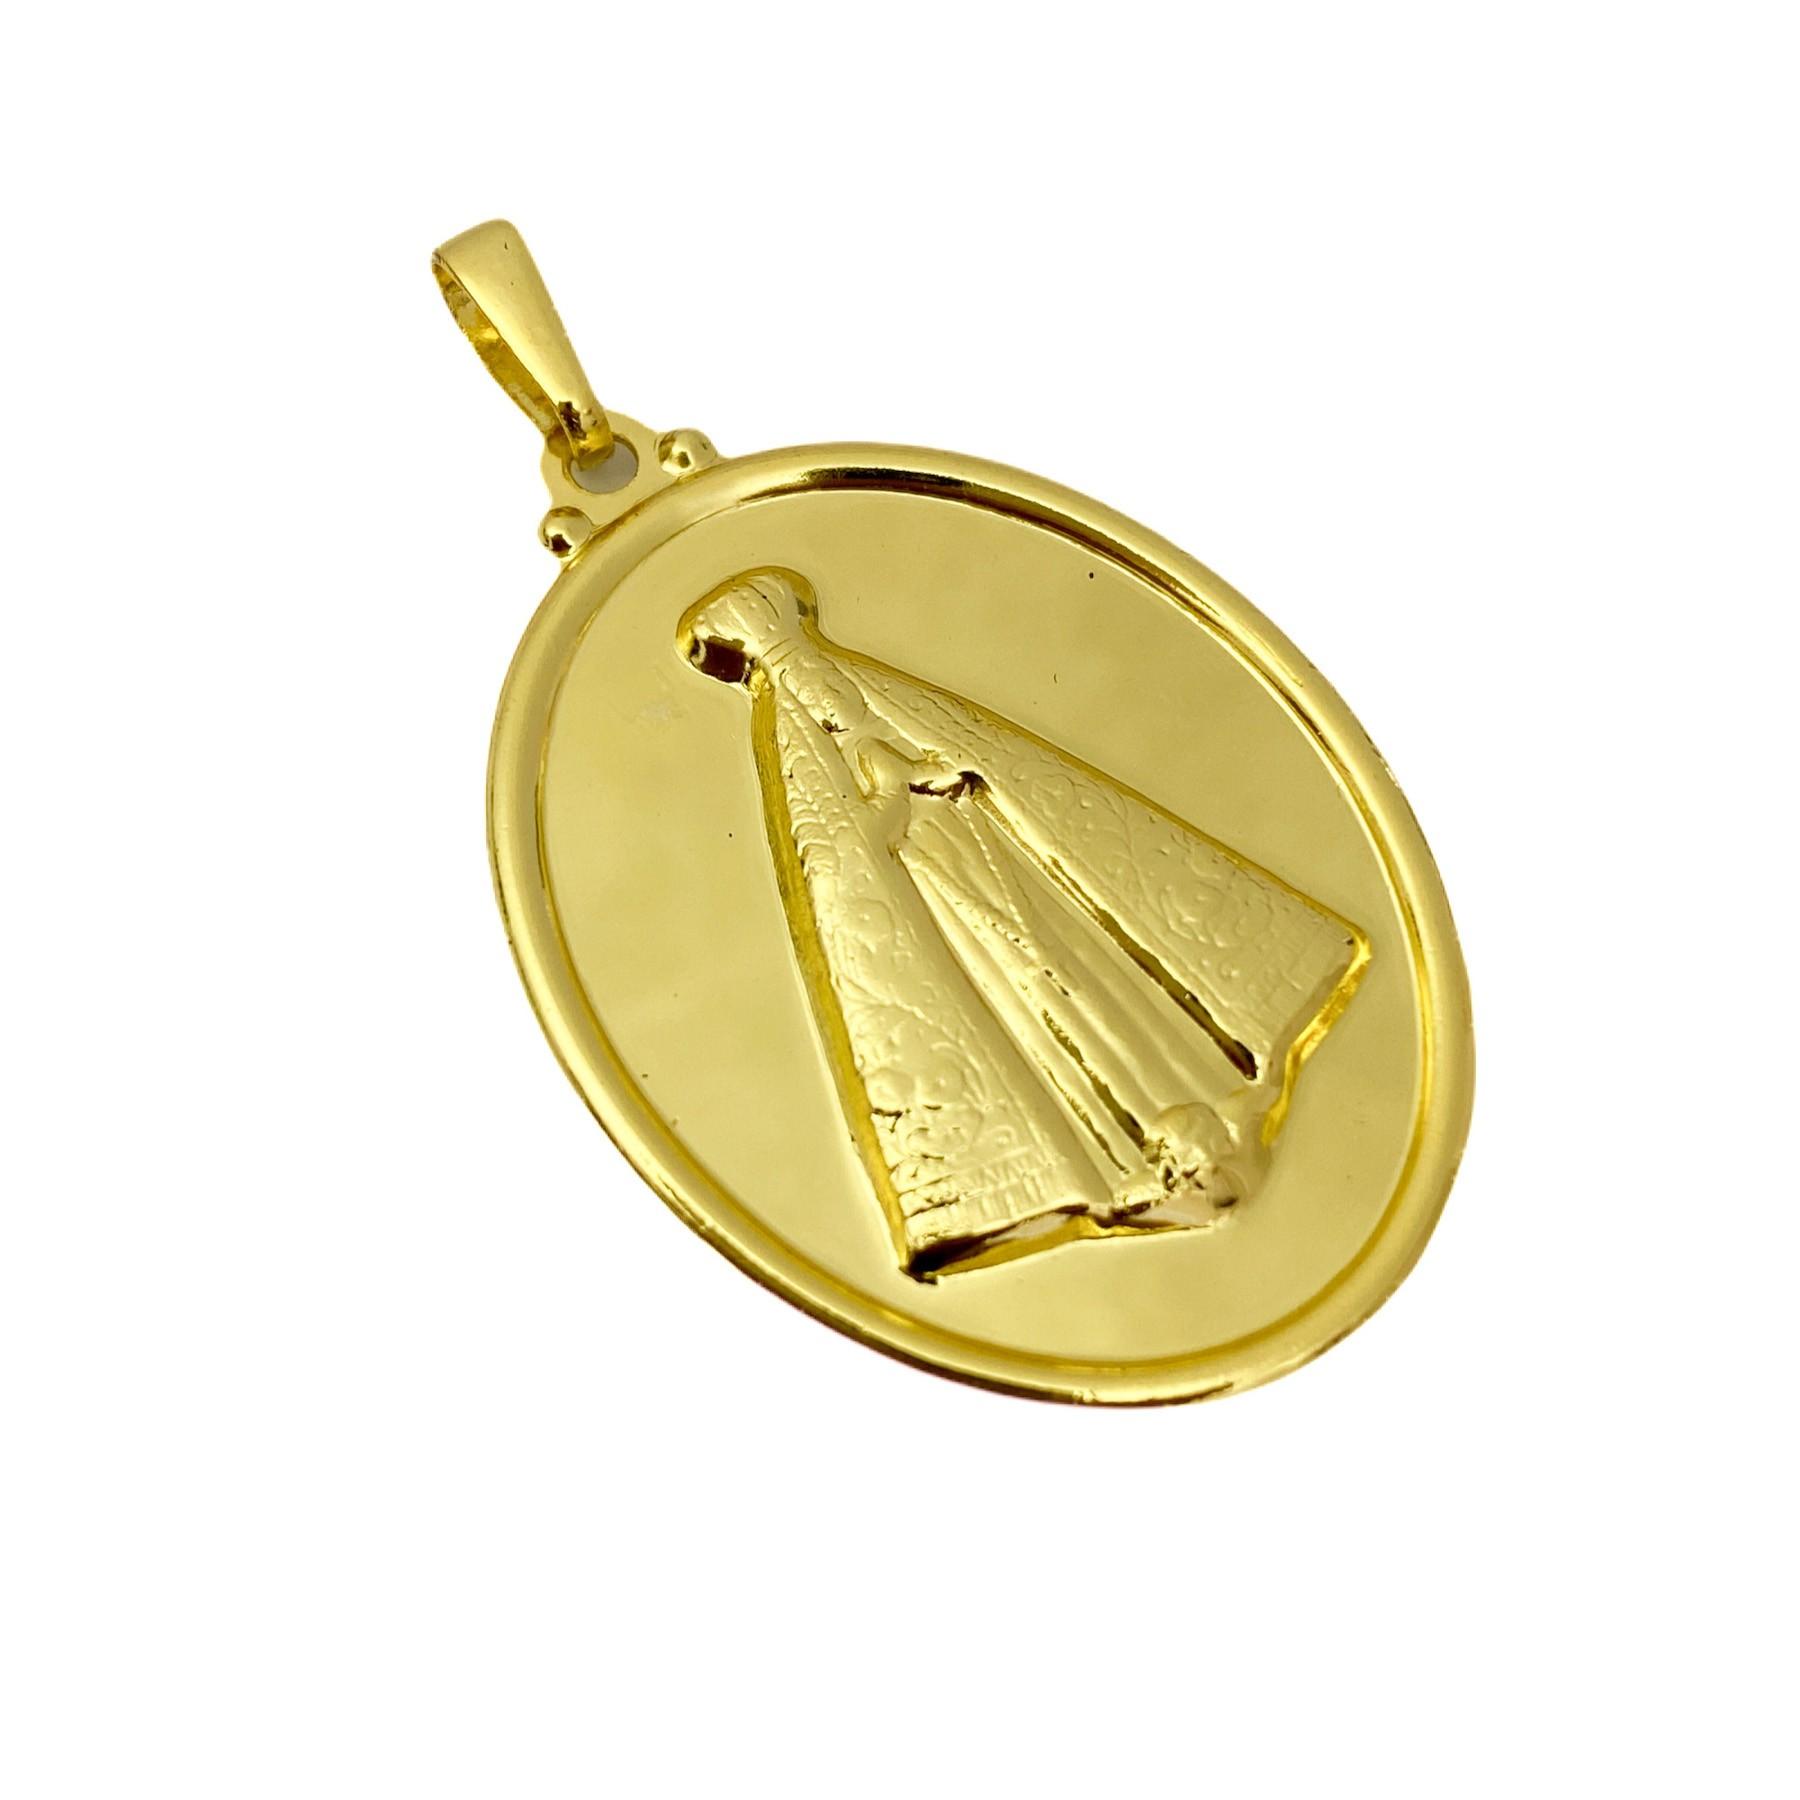 Pingente Nossa Senhora Oval Sobre 3,3cm X 2,5cm (2,8g) (Banho Ouro 24k)